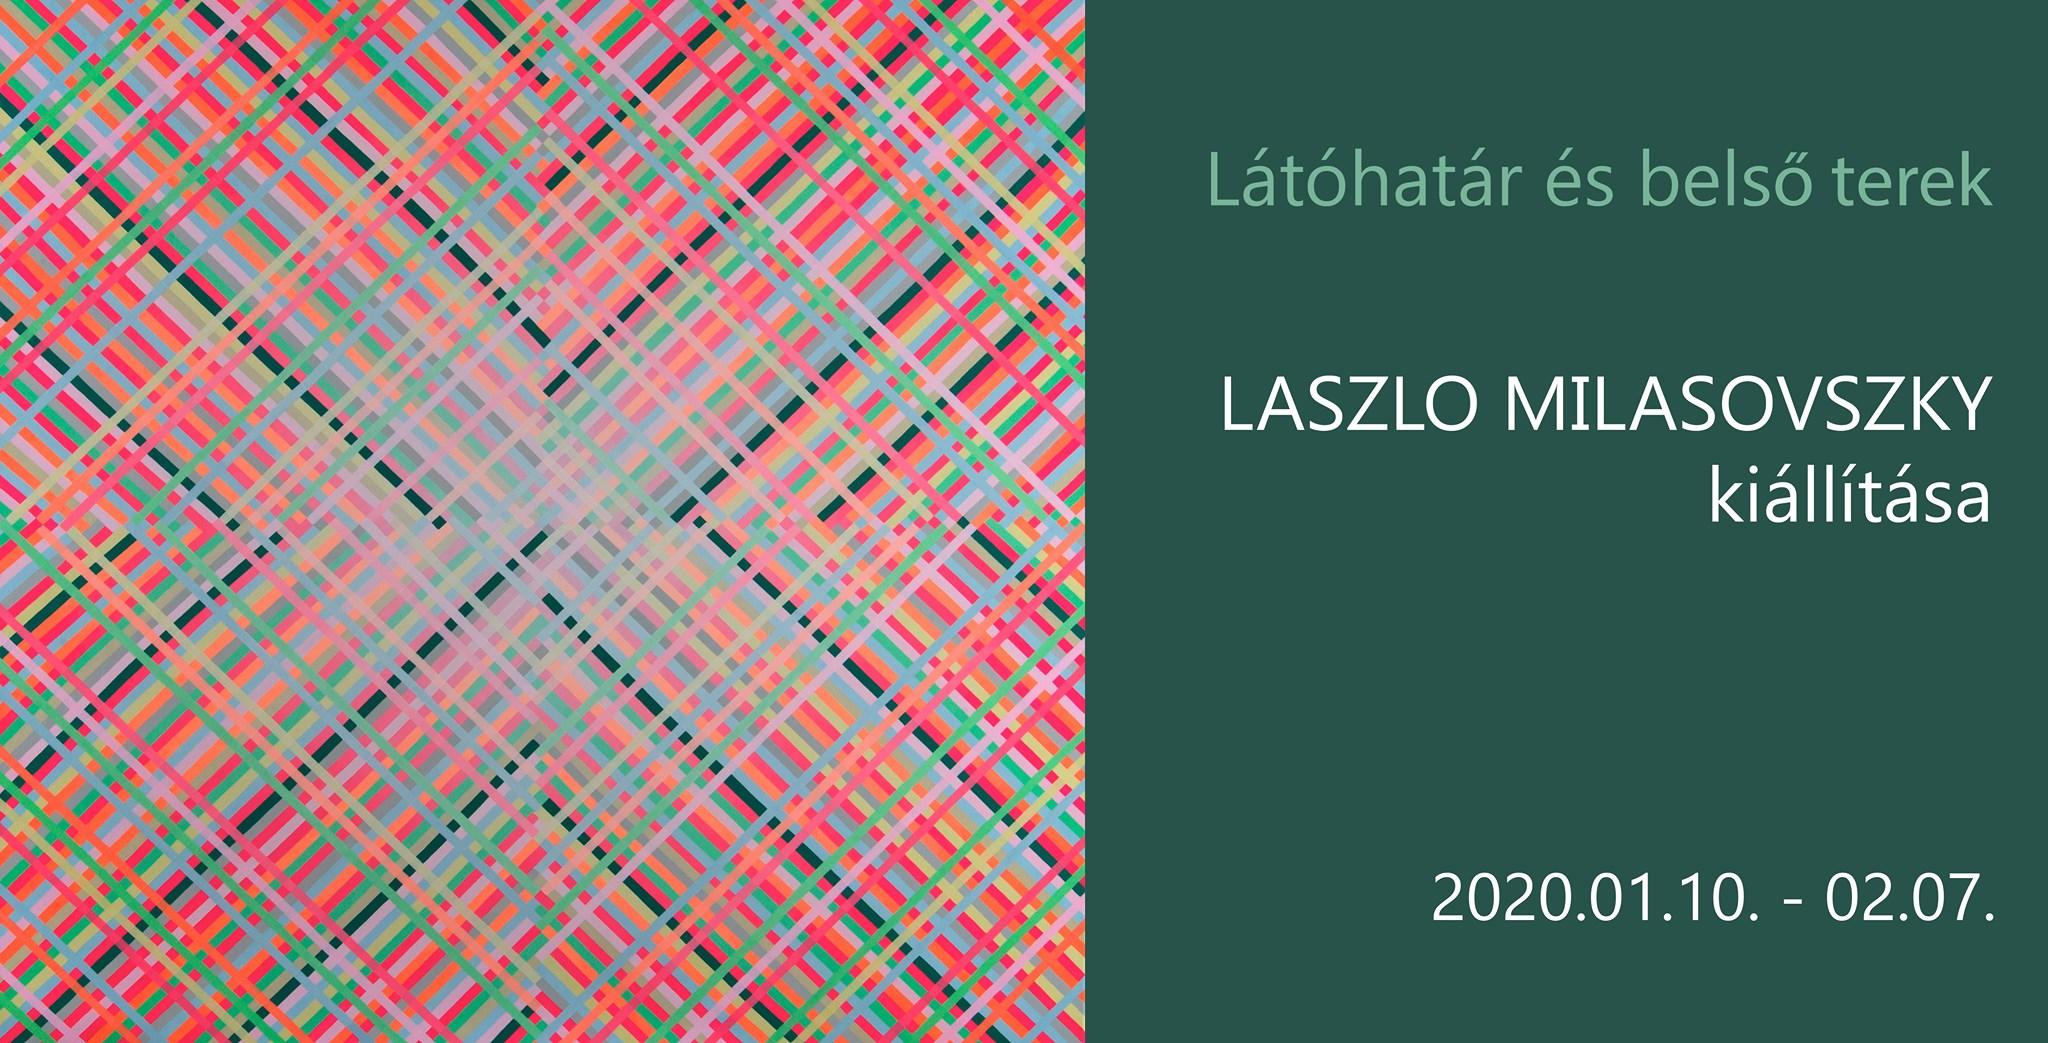 Látóhatár és belső terek - Laszlo Milasovszky kiállítása